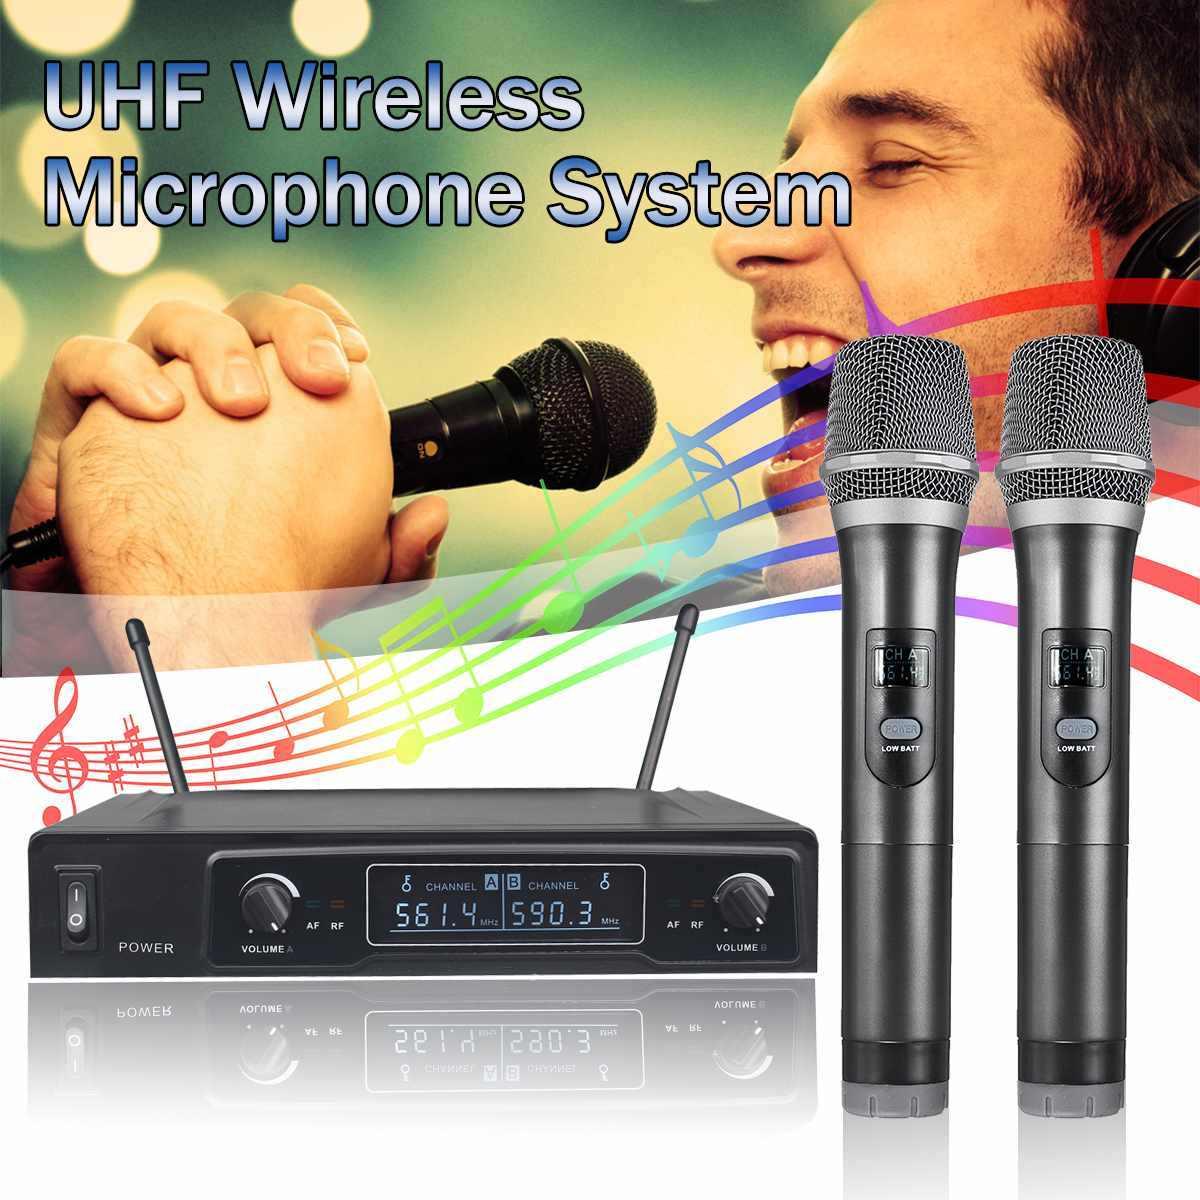 デュアルチャンネル 2 ハンドヘルドワイヤレス UHF マイクシステム Lcd ディスプレイカラオケレシーバーホーム KTV 機器アンテナ